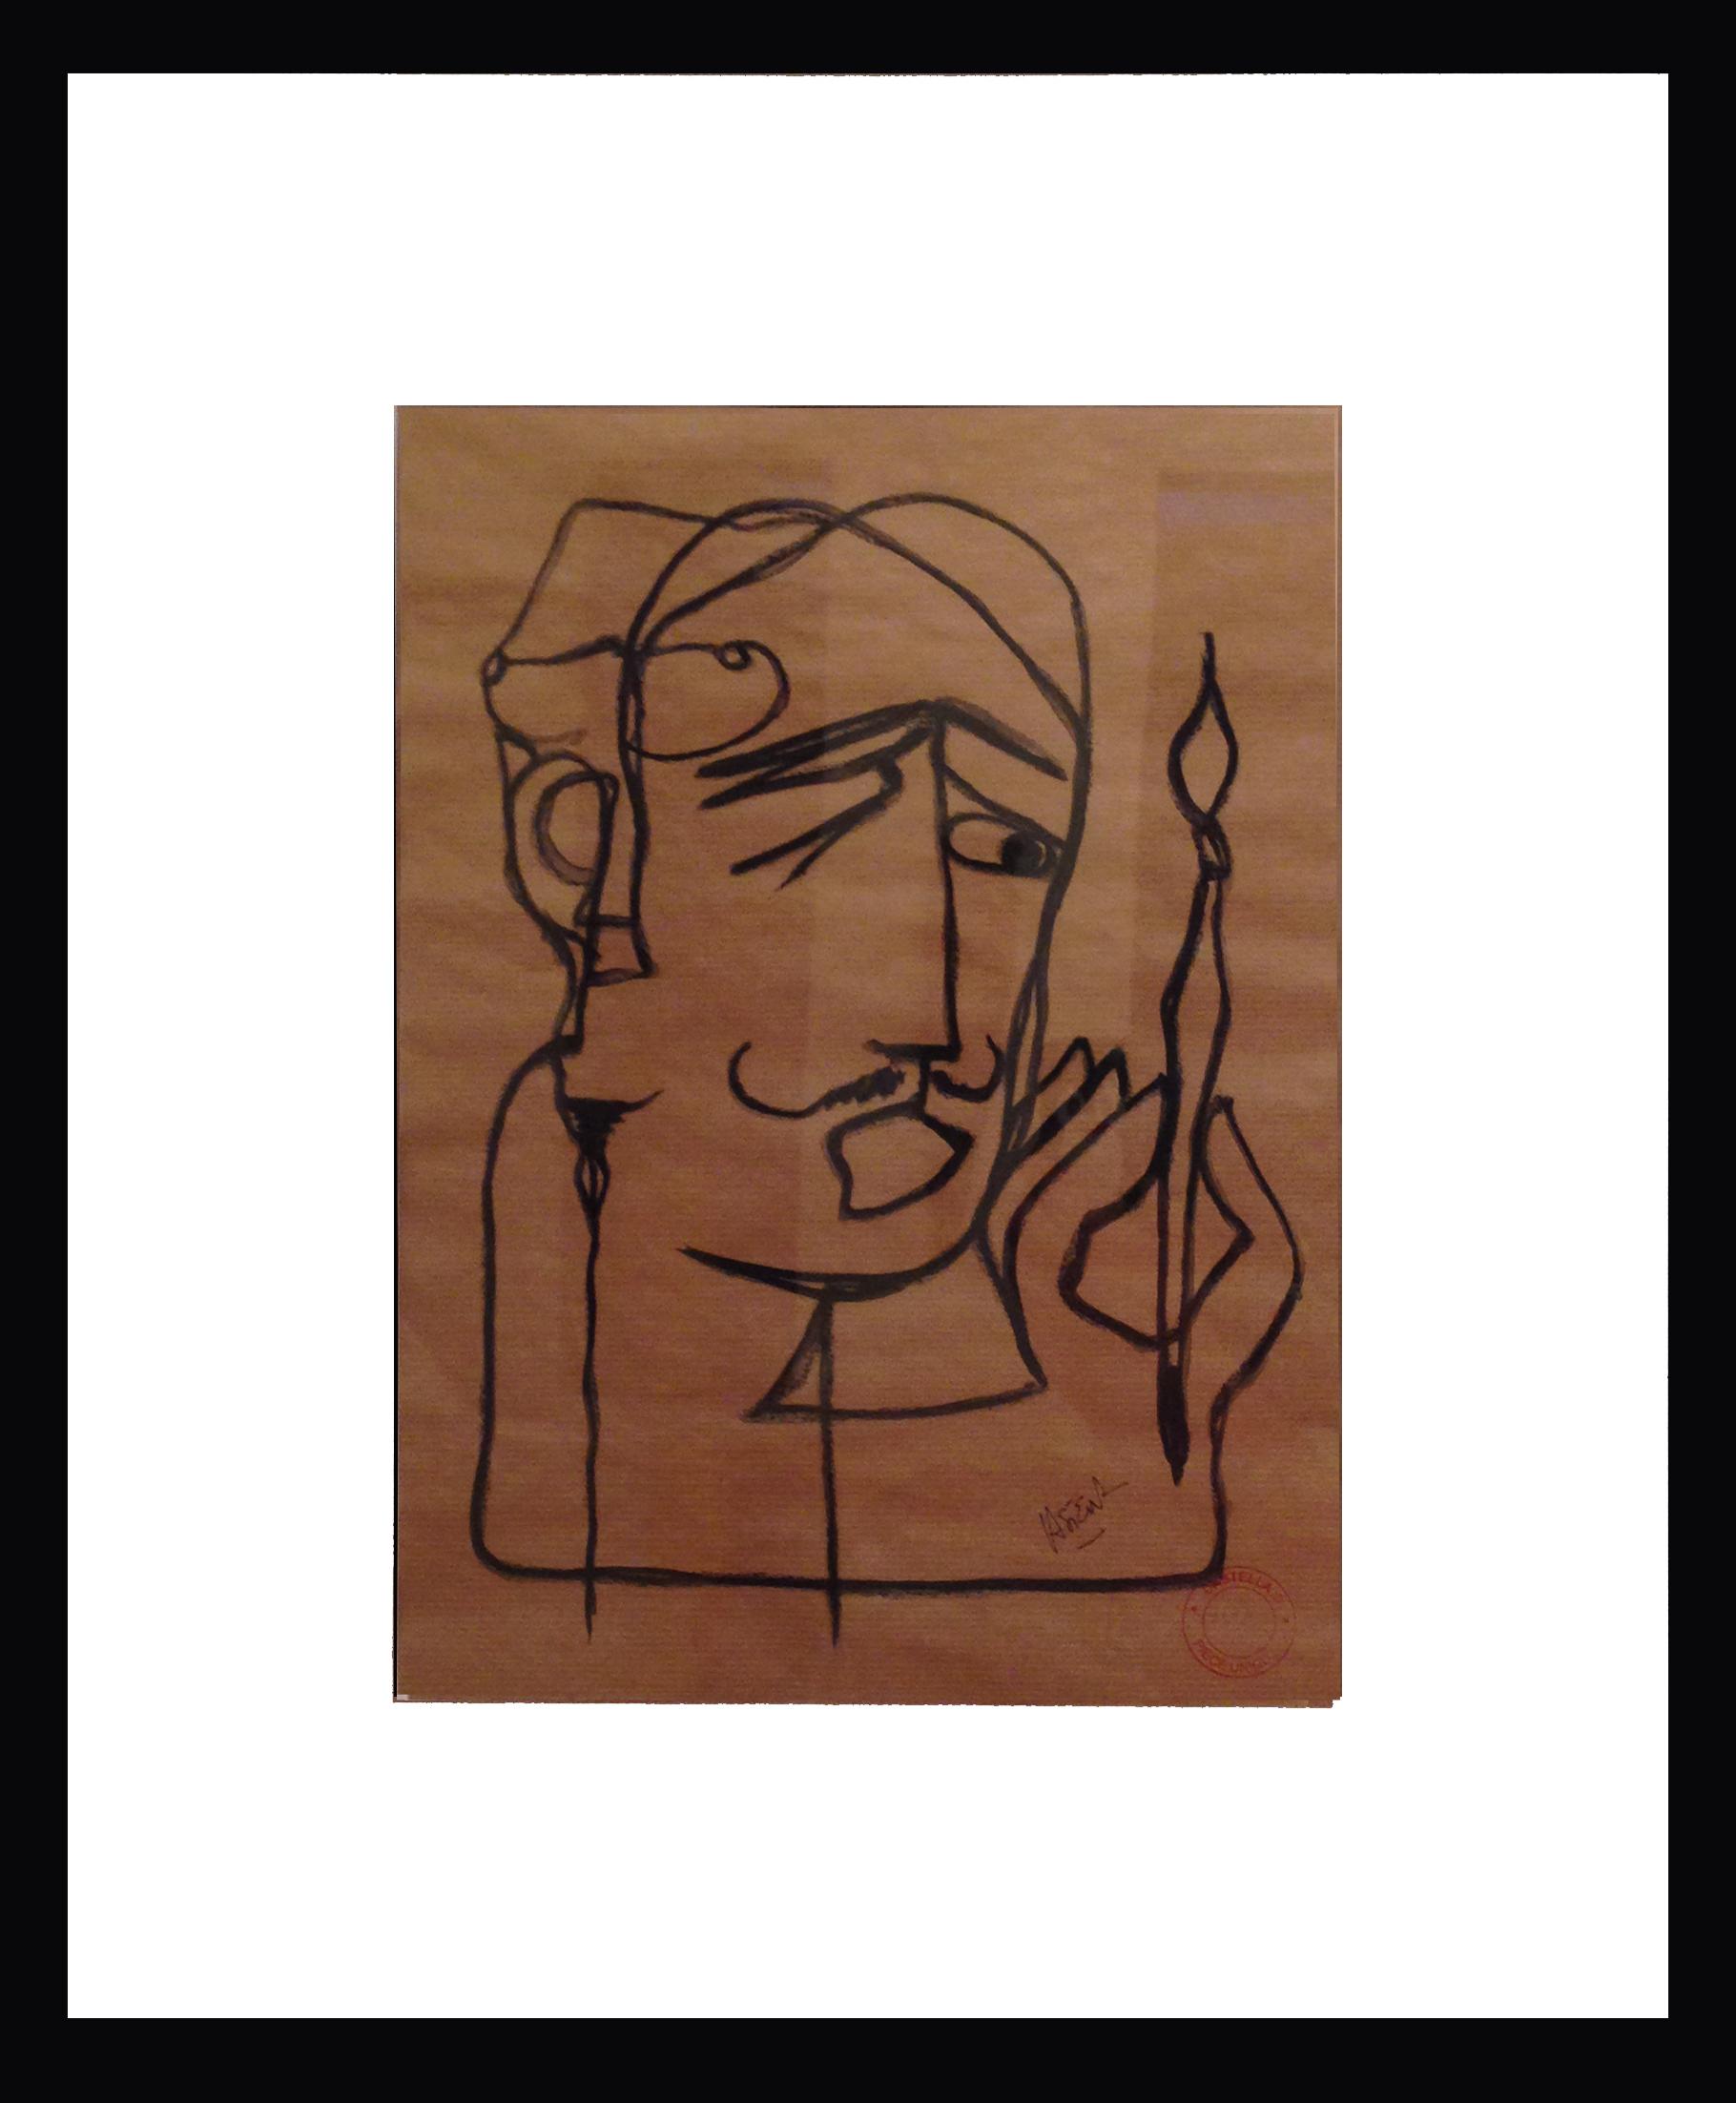 autoportrait-castella-2015